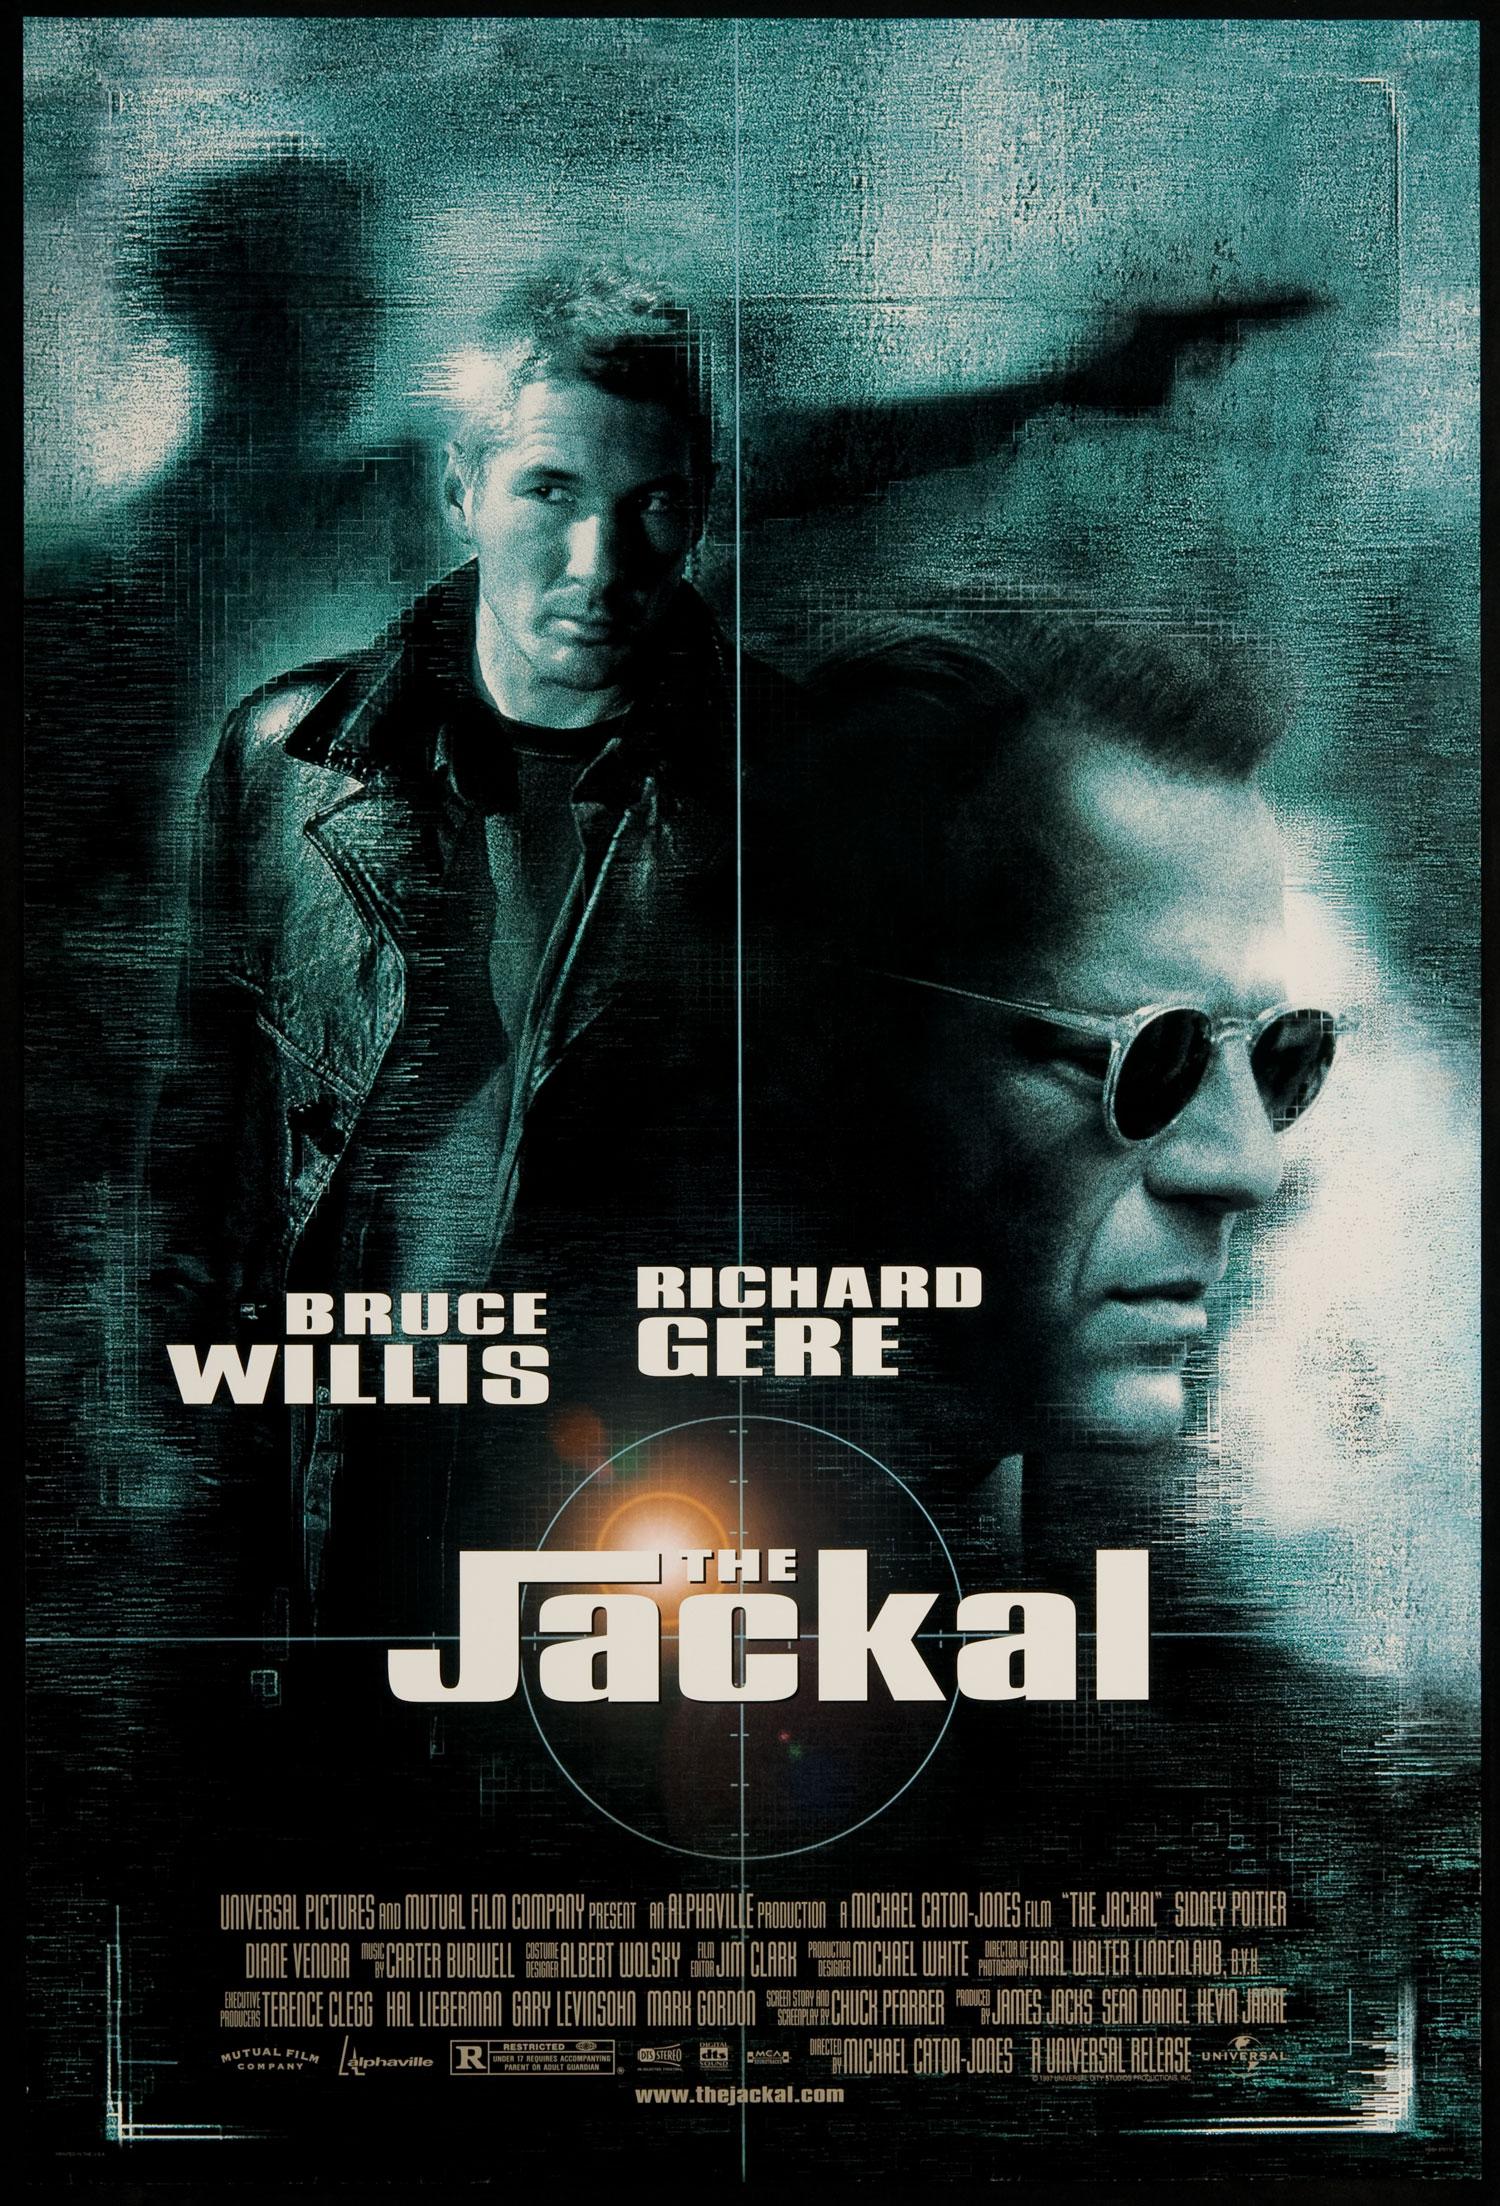 دانلود فیلم The Jackal 1997 با دوبله فارسی